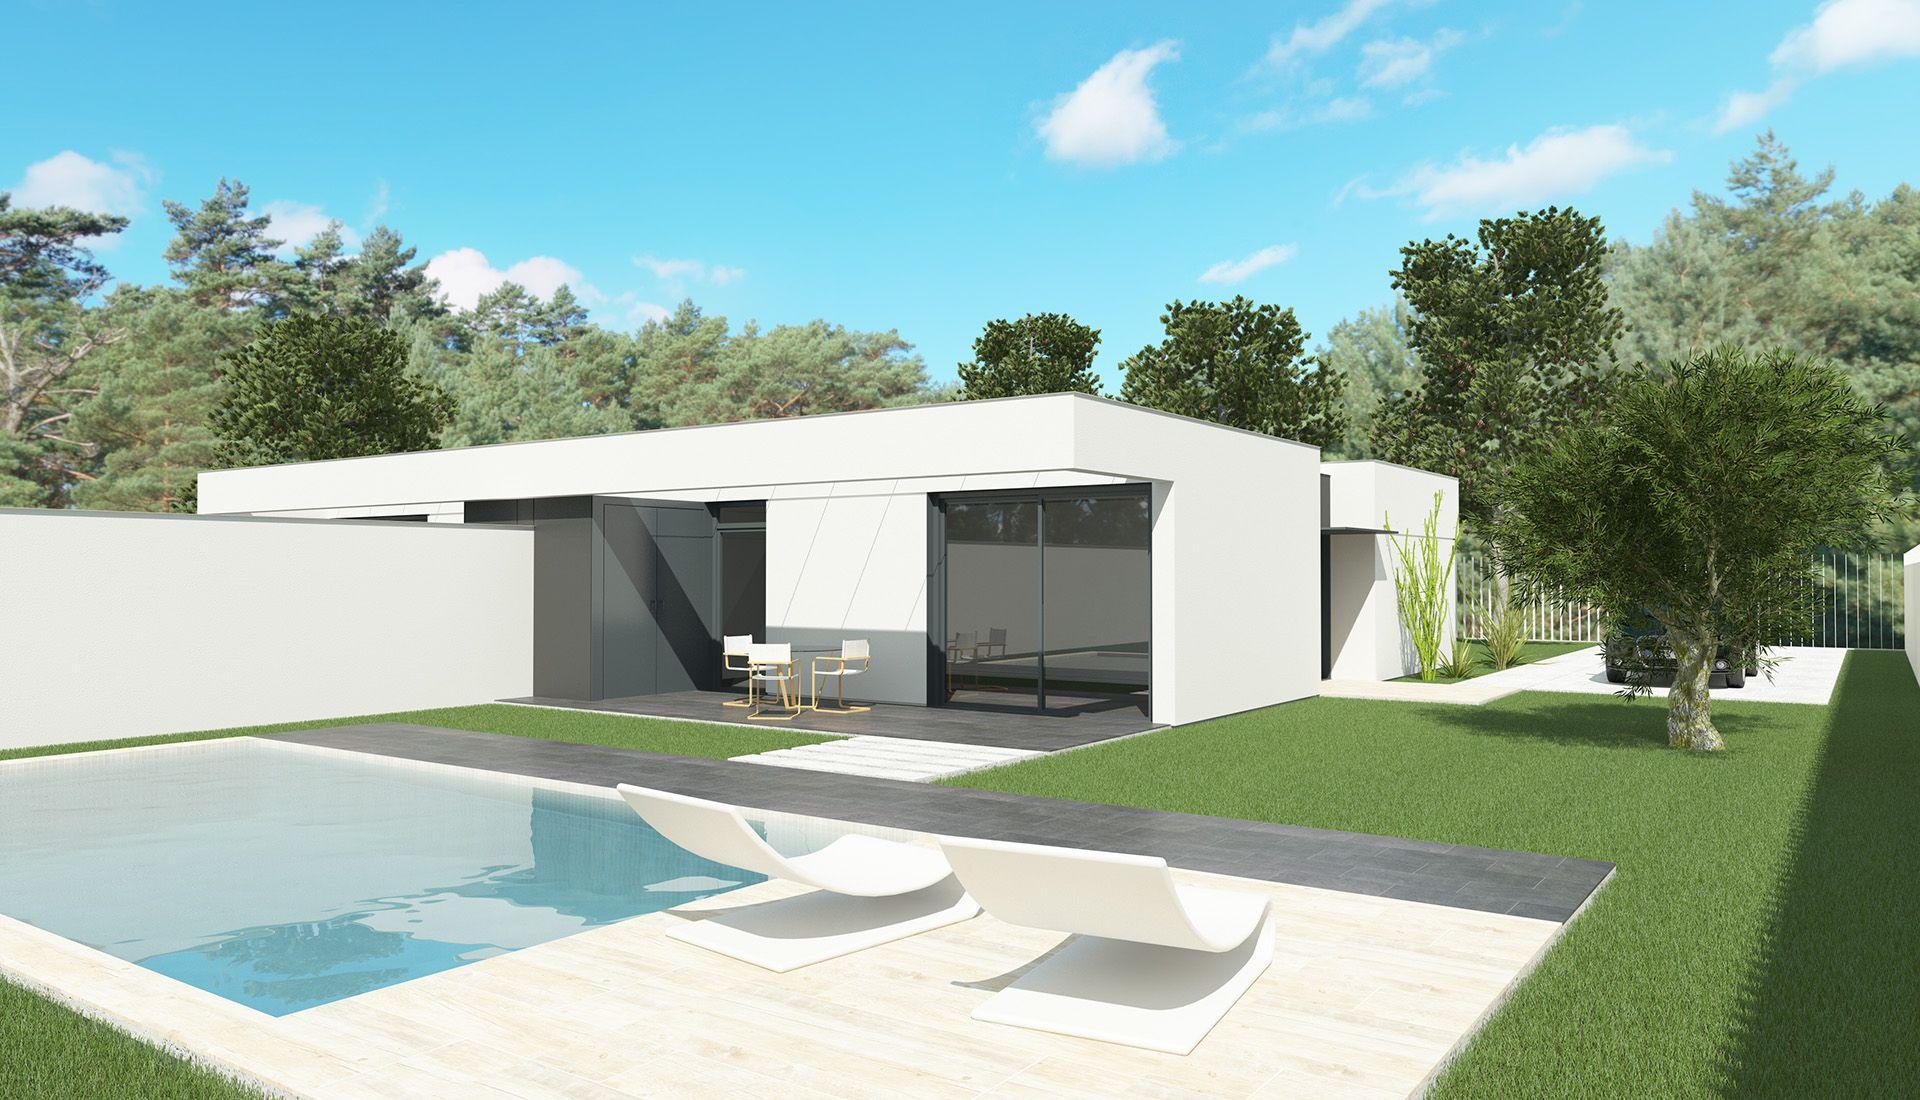 Casas de acero modulares sostenibles y prefabricadas - Catalogo casas prefabricadas ...